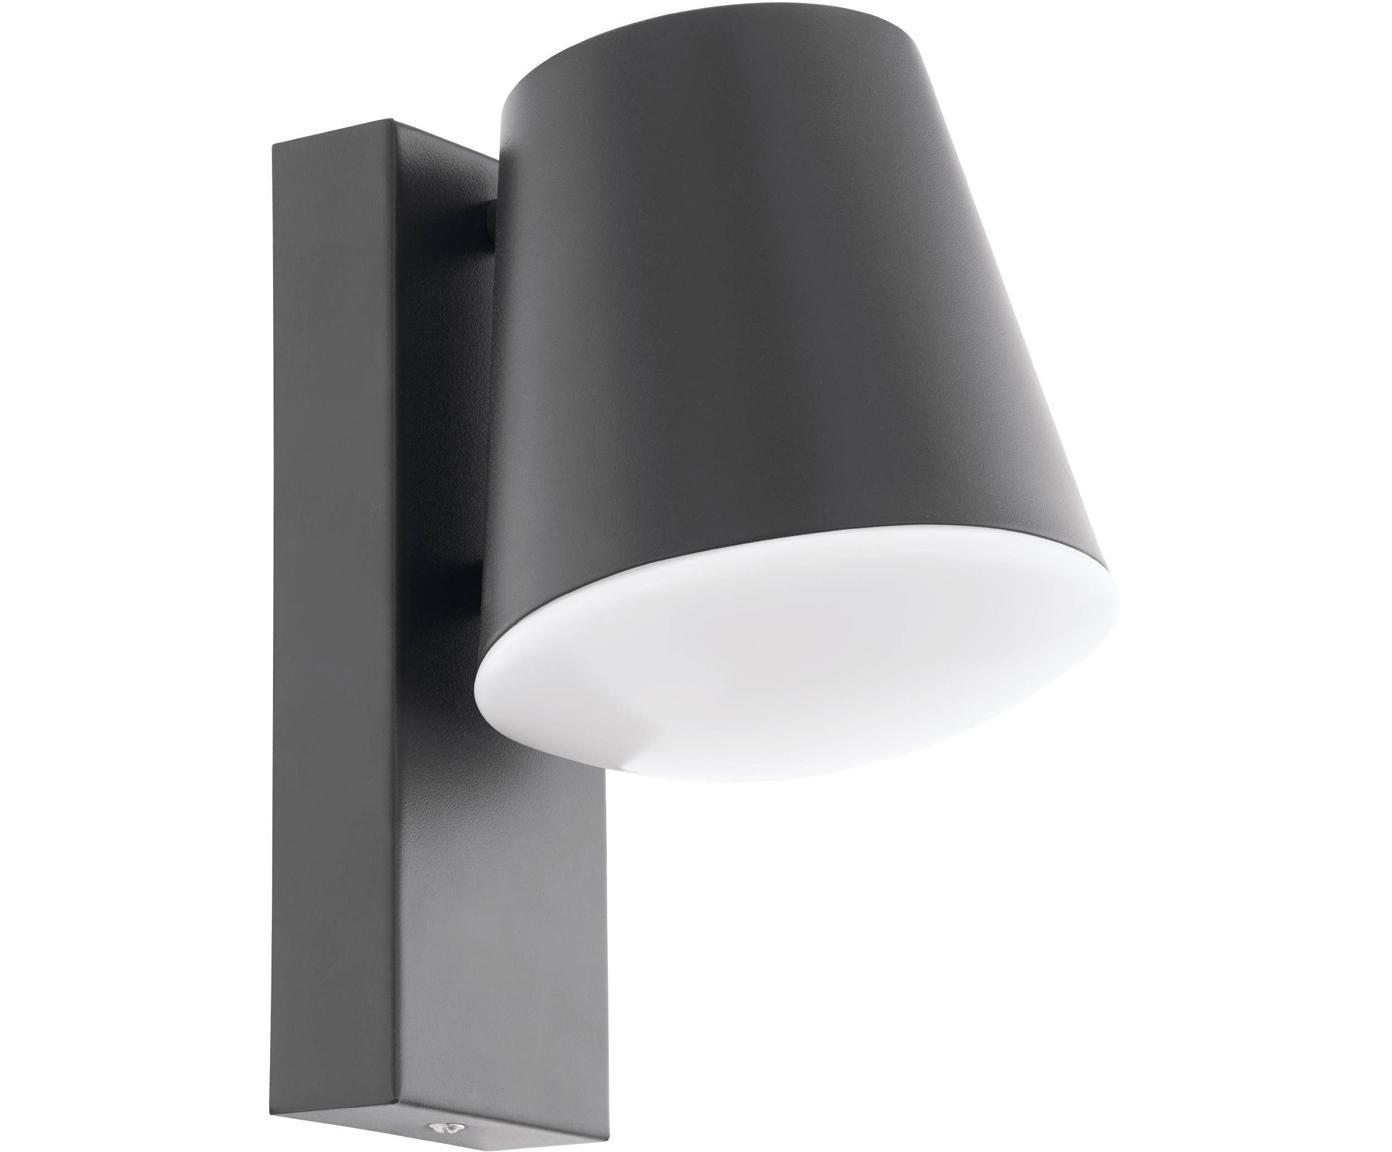 Outdoor wandlamp Caldiero, Verzinkt staal, kunststof, Antraciet, 14 x 24 cm